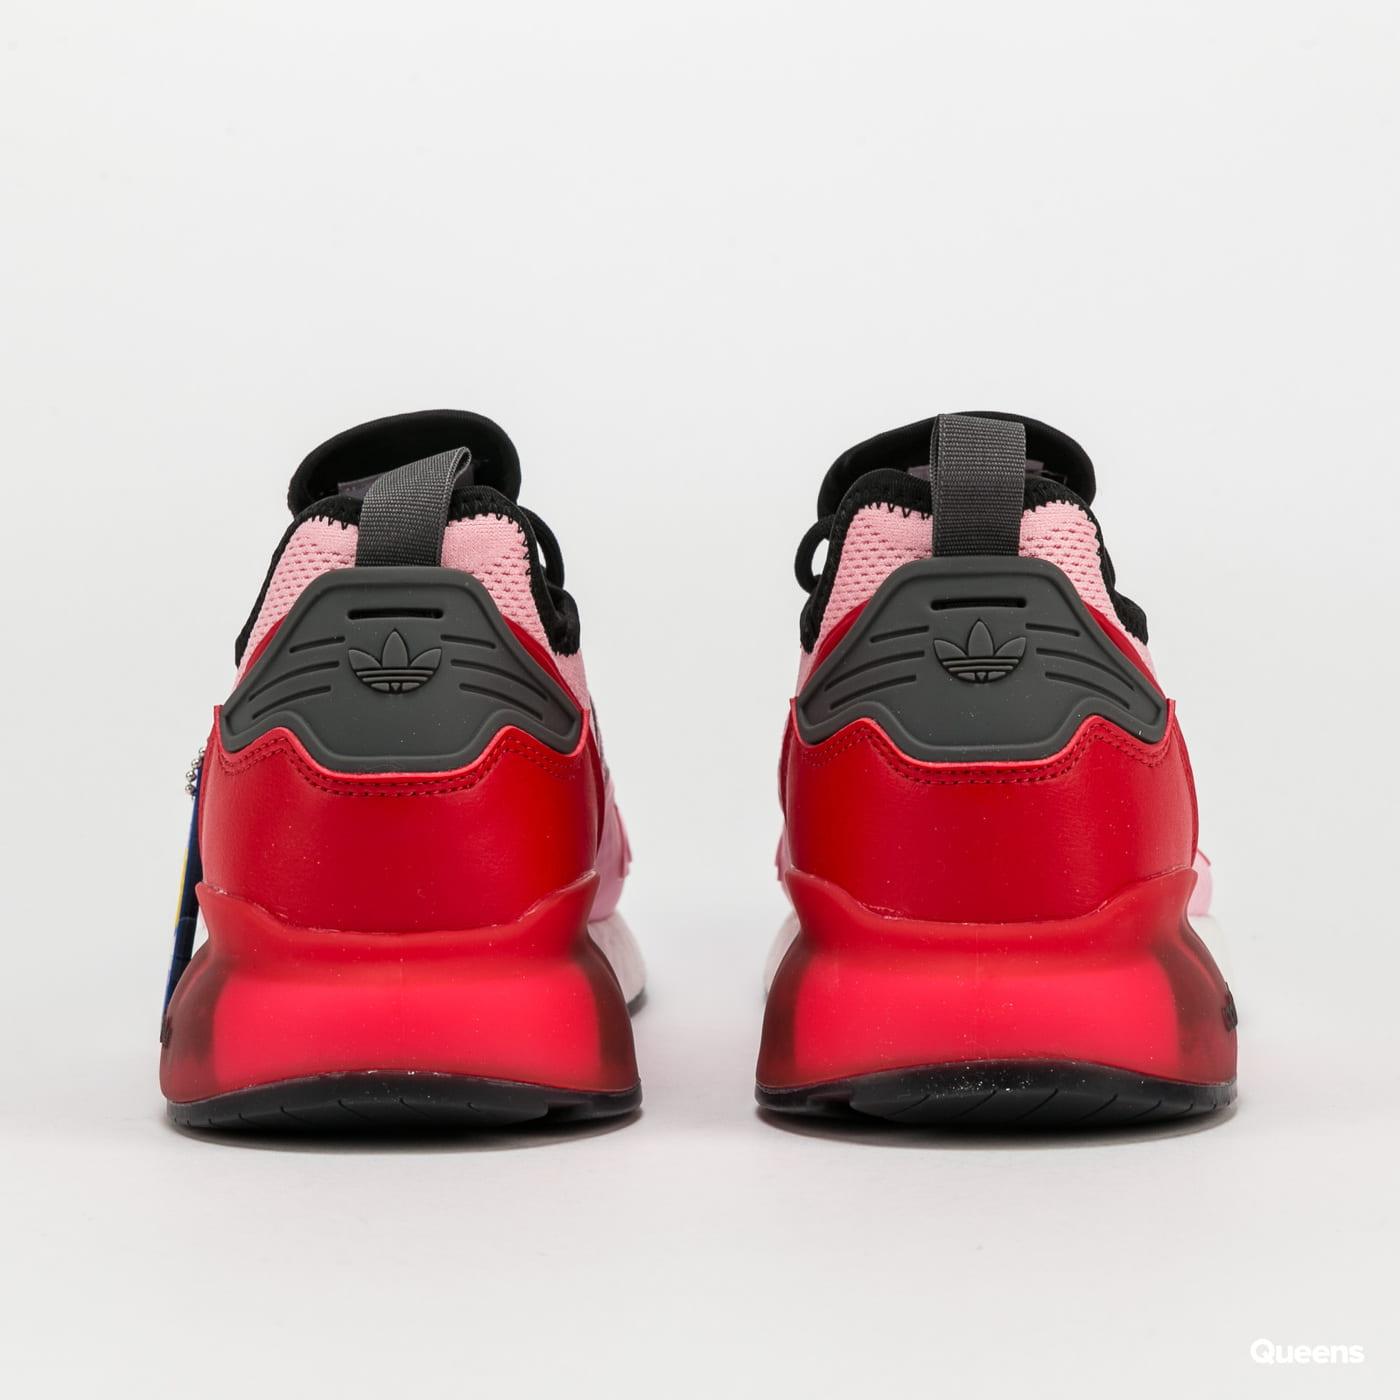 adidas Originals Ninja ZX 2K Boost trupnk / cblack / scarlet